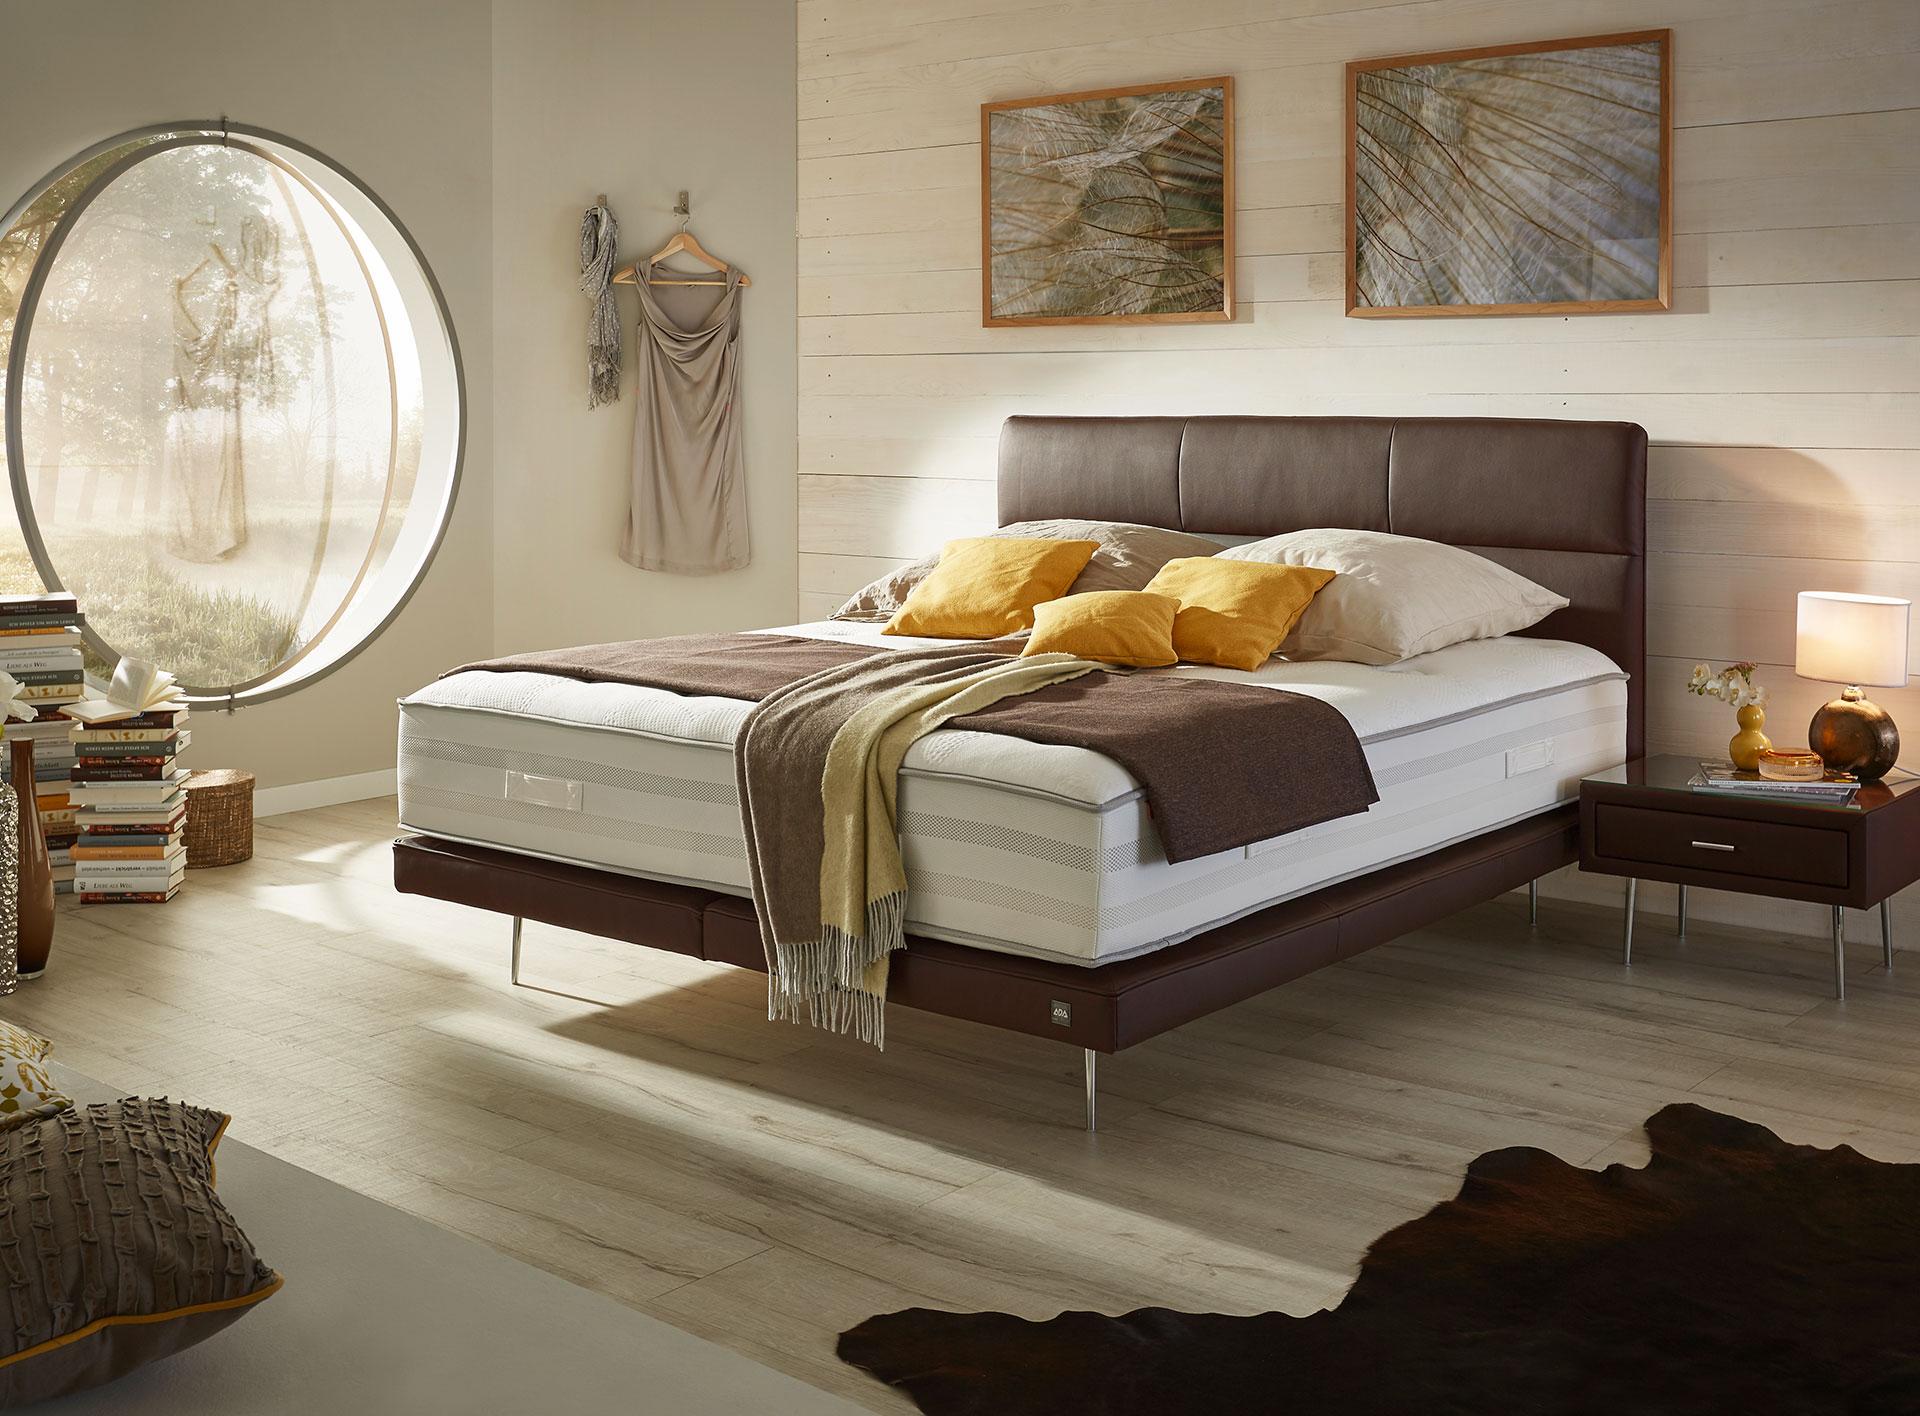 Full Size of Bett Italienisches Design Modern Puristisch Komplett Vintage 200x200 Breckle Betten Amerikanische Liegehöhe 60 Cm Stauraum 160x200 Bette Duschwanne Wohnwert Bett Bett Modern Design